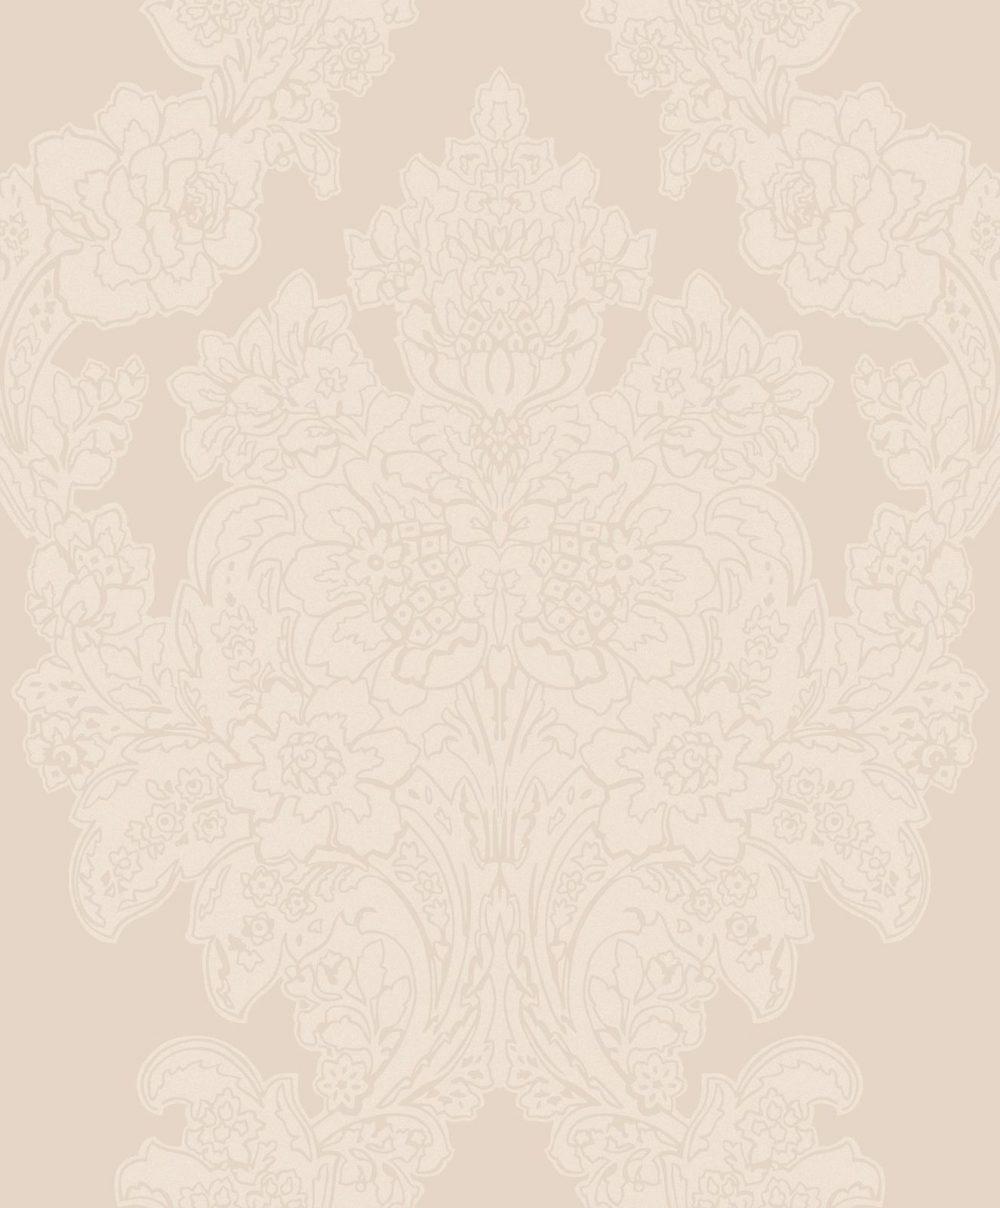 آلبوم کاغذ دیواری Love کد 81003